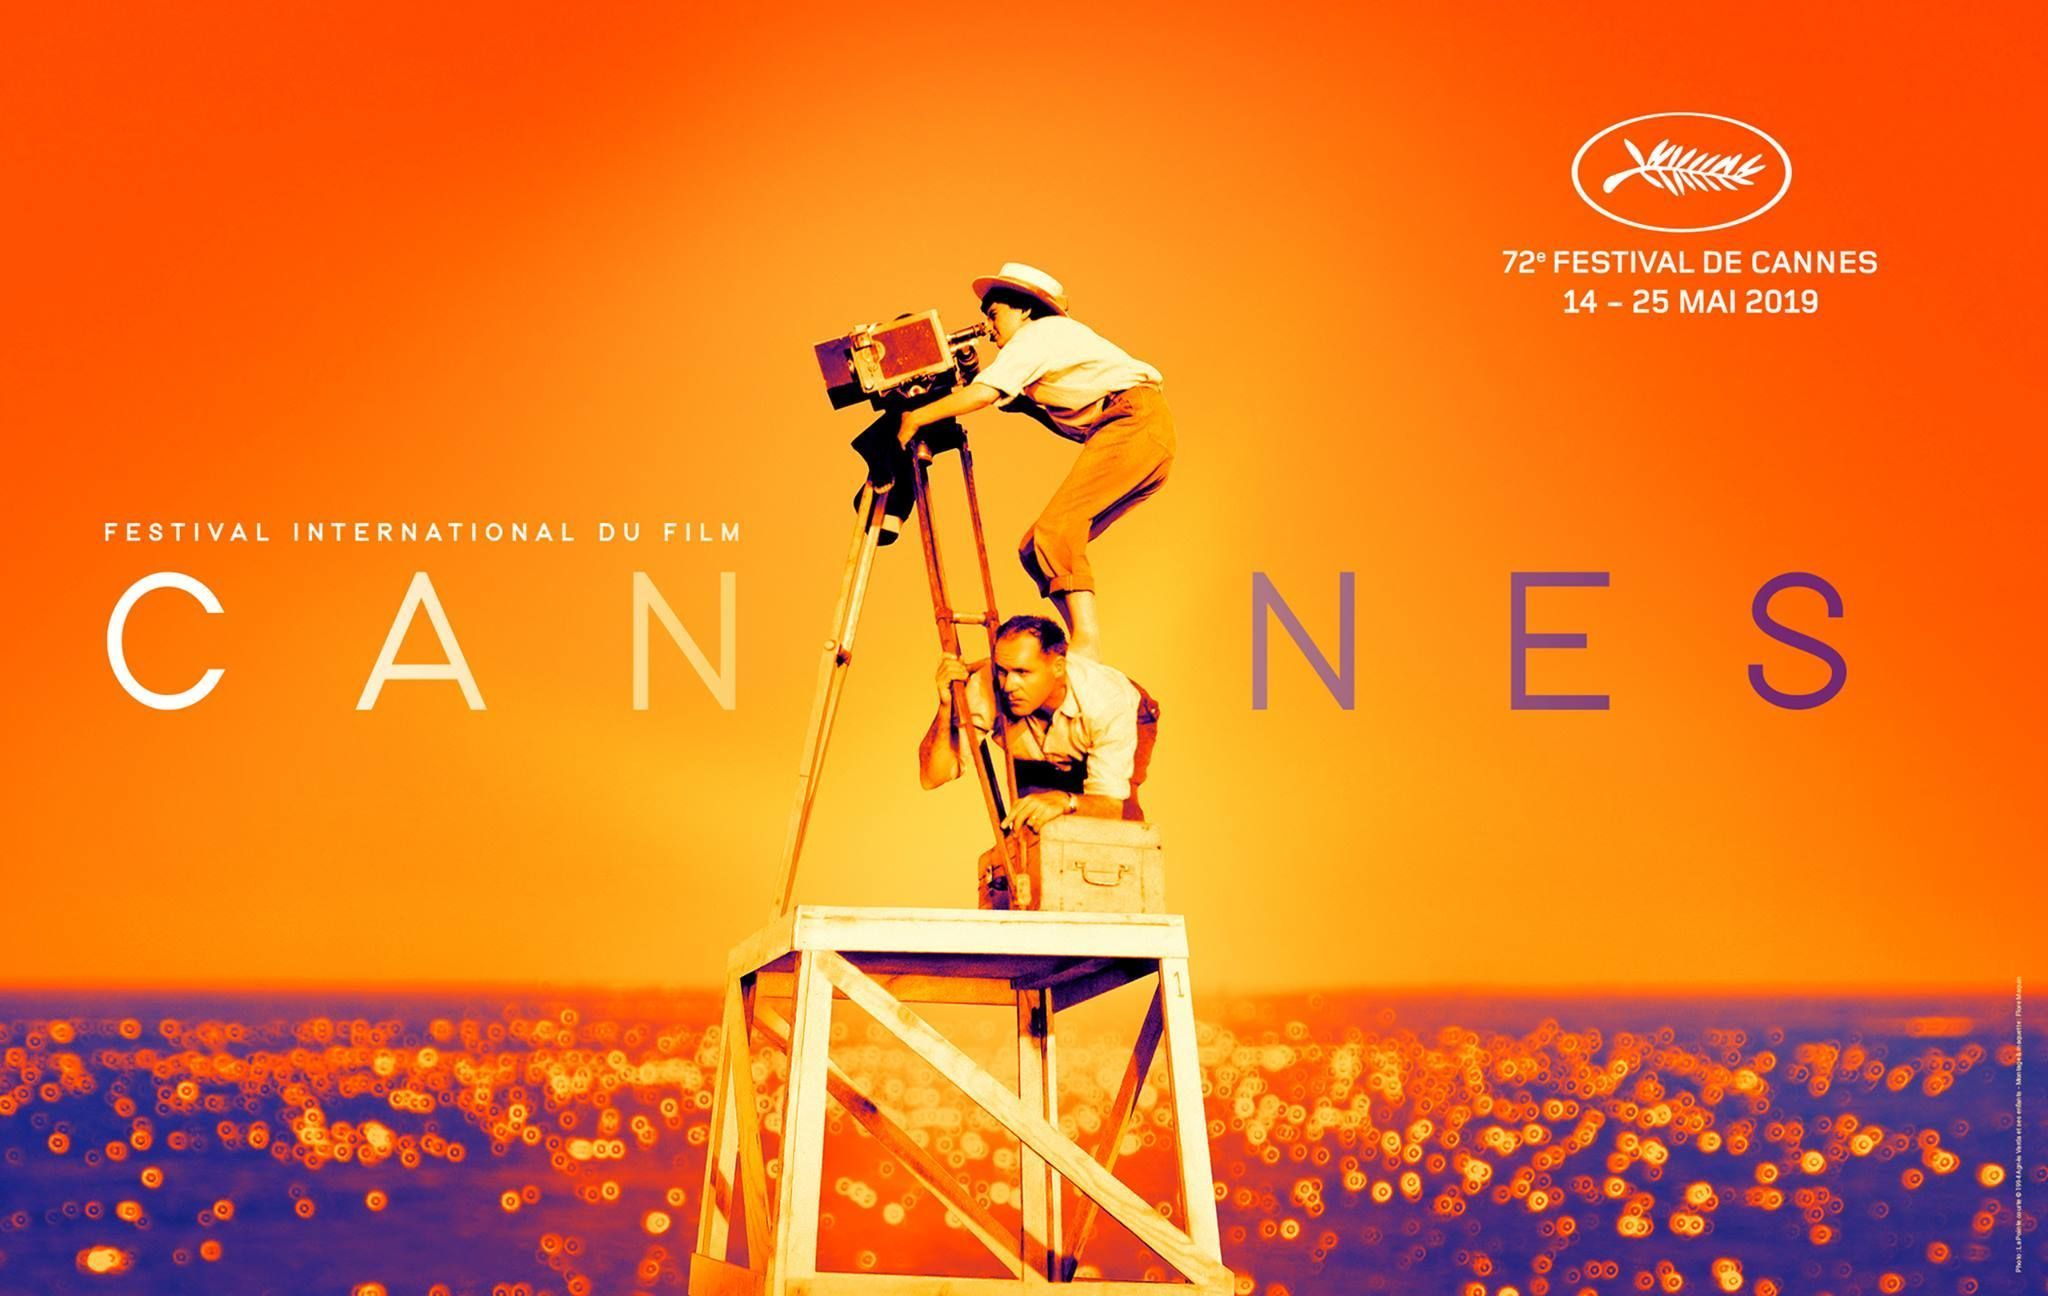 Cannes 2019 : la Sélection officielle complète annoncée